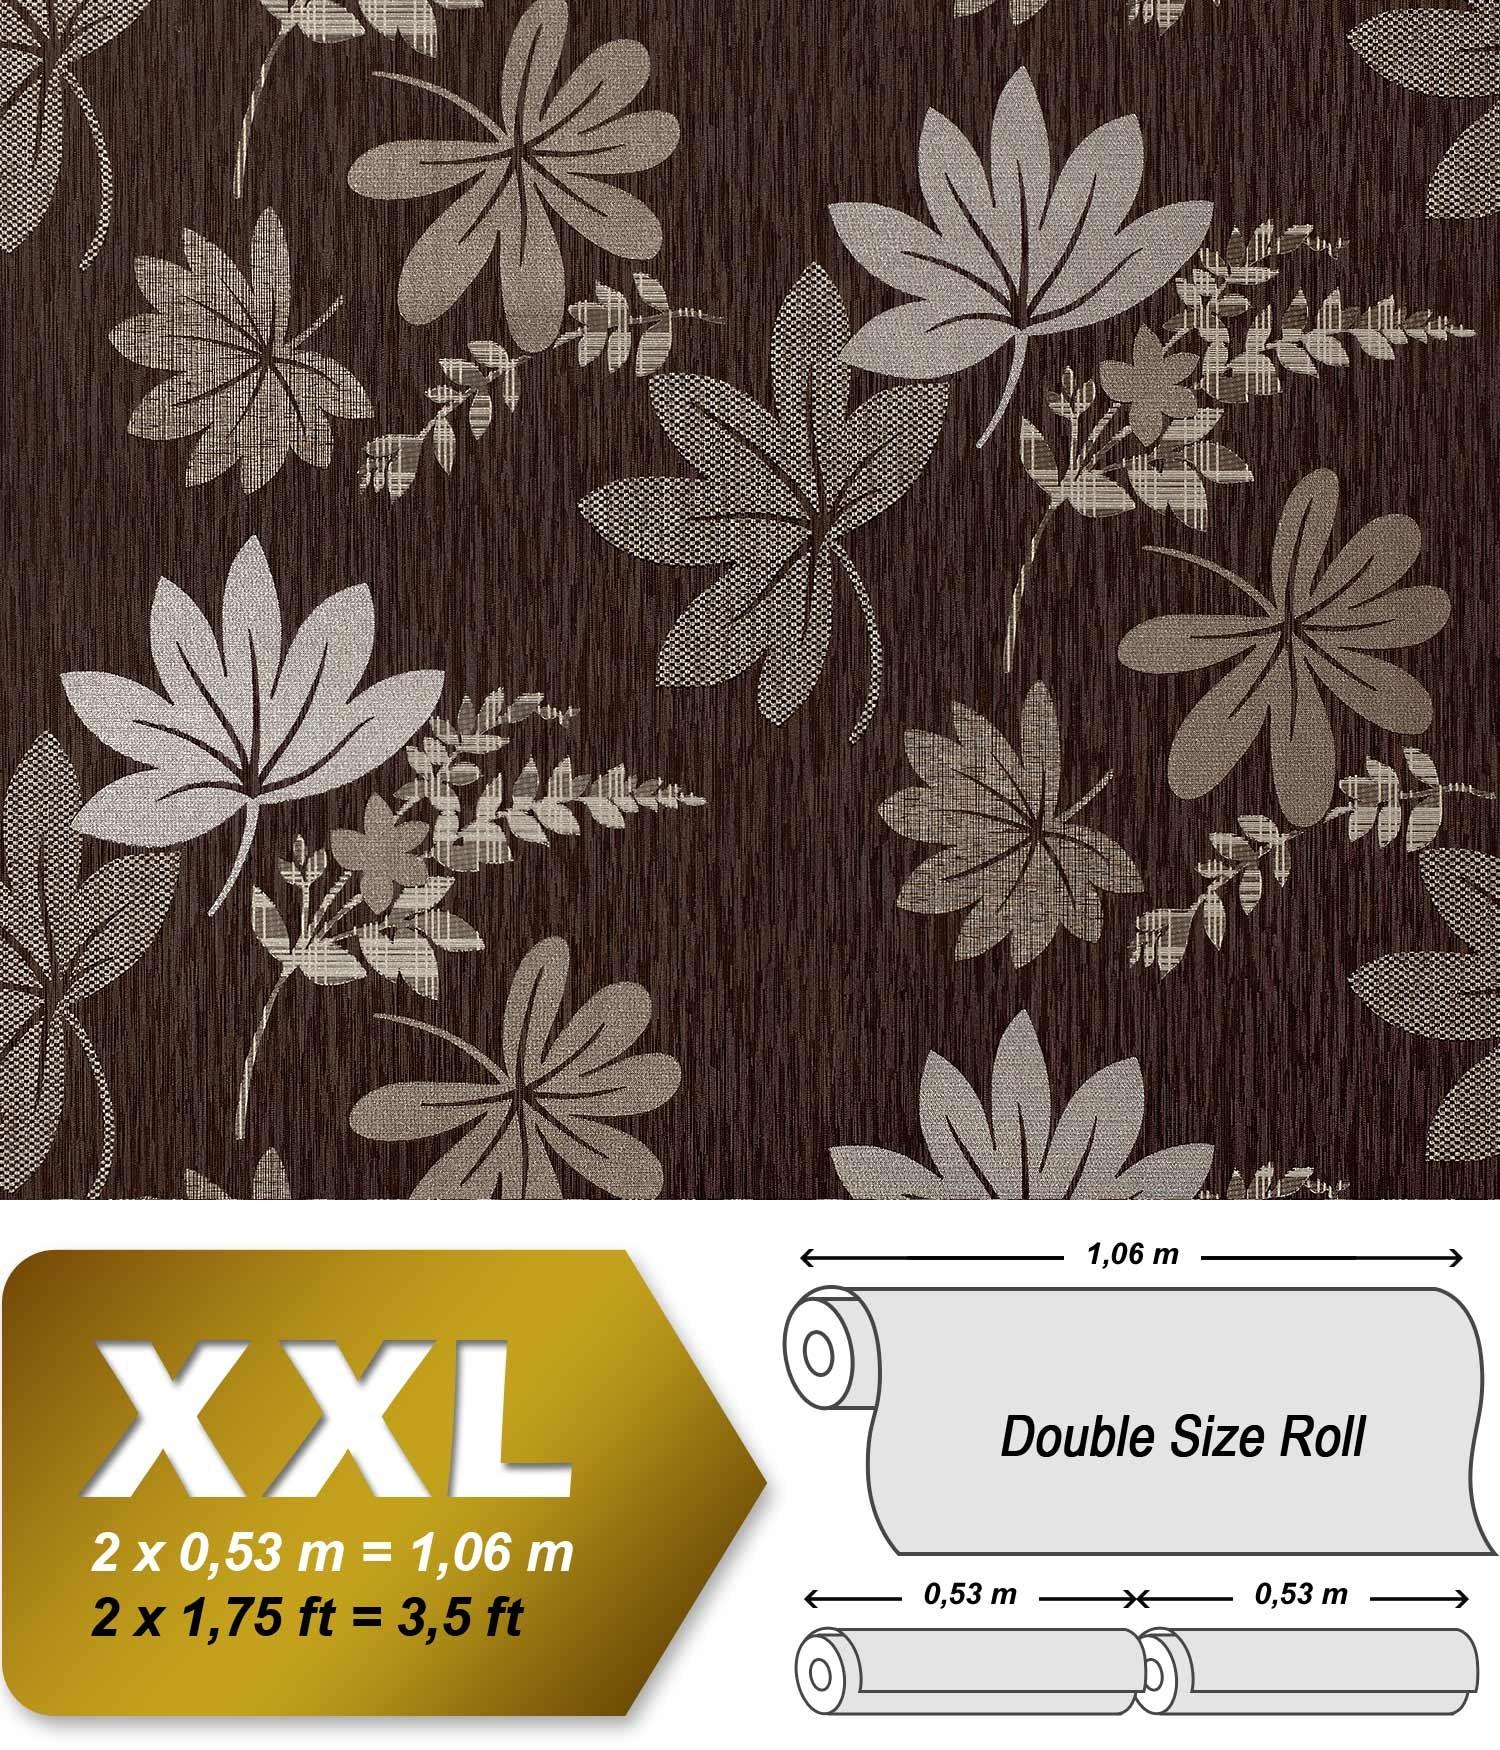 Asiatische Blumen Tapete : Wallpaper That Looks Woven